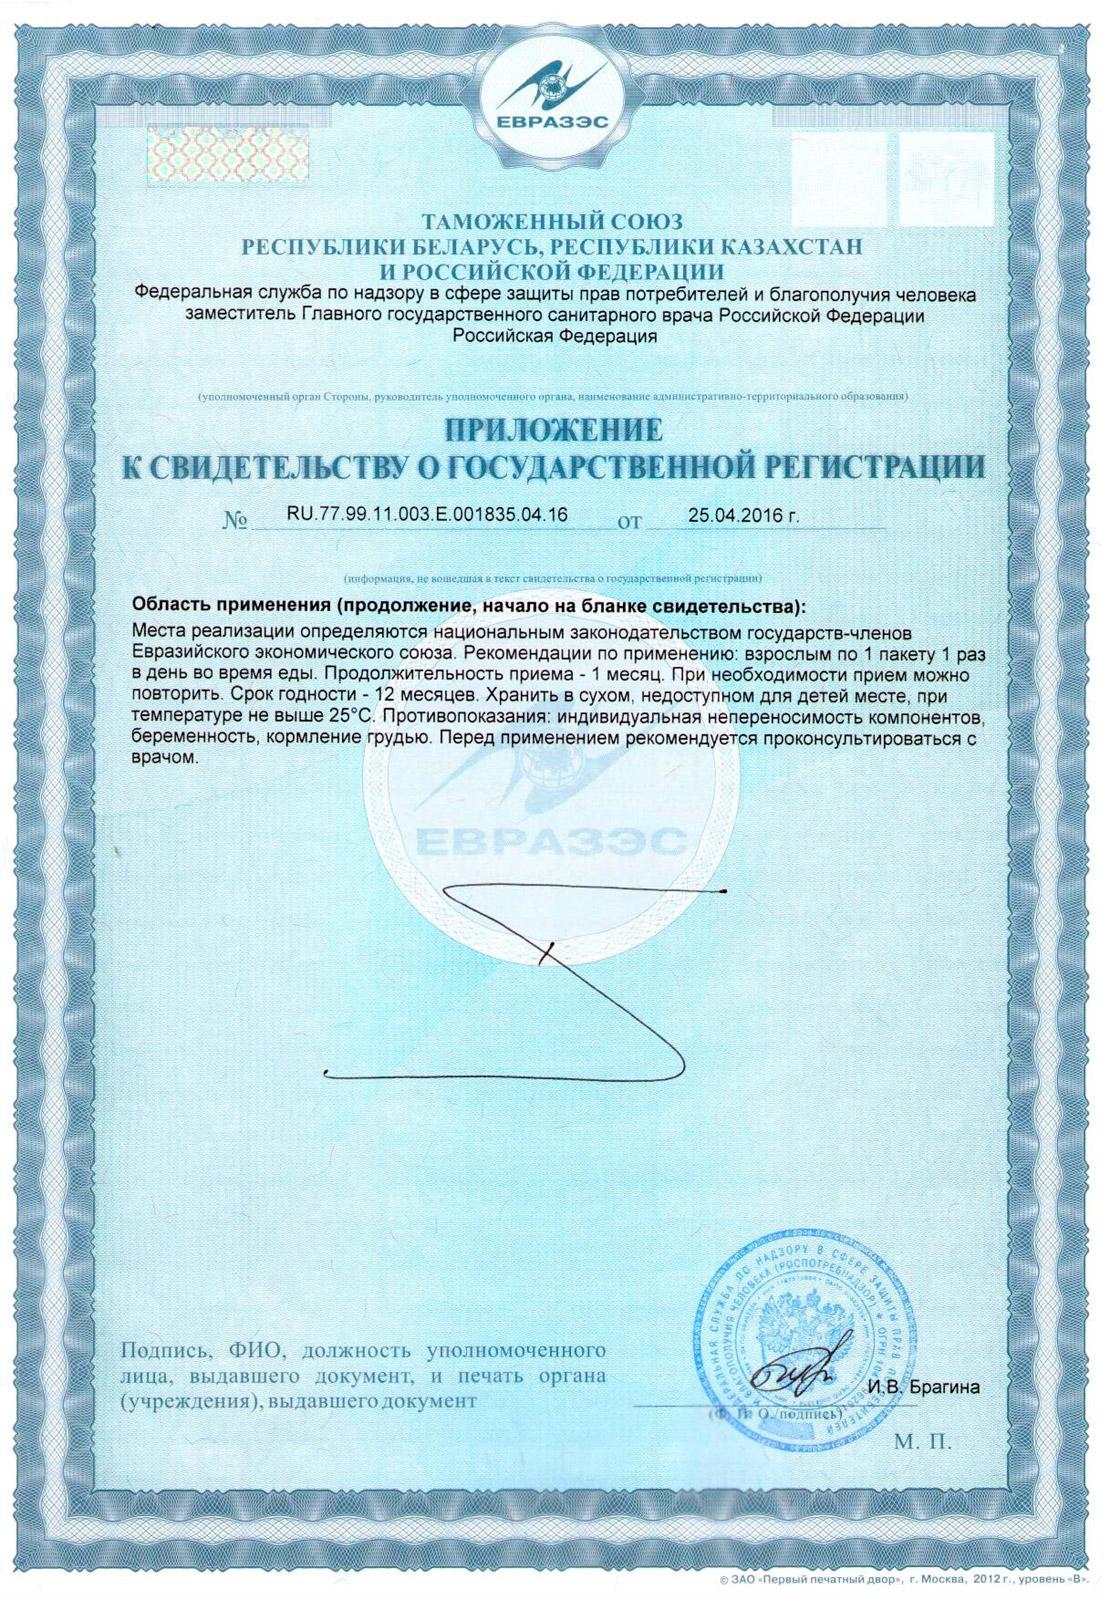 Свидетельство о государственной регистрации (сертификат) Rain Core для стран таможенного союза России, Казахстана, Беларусии. Страница 2. Приложение